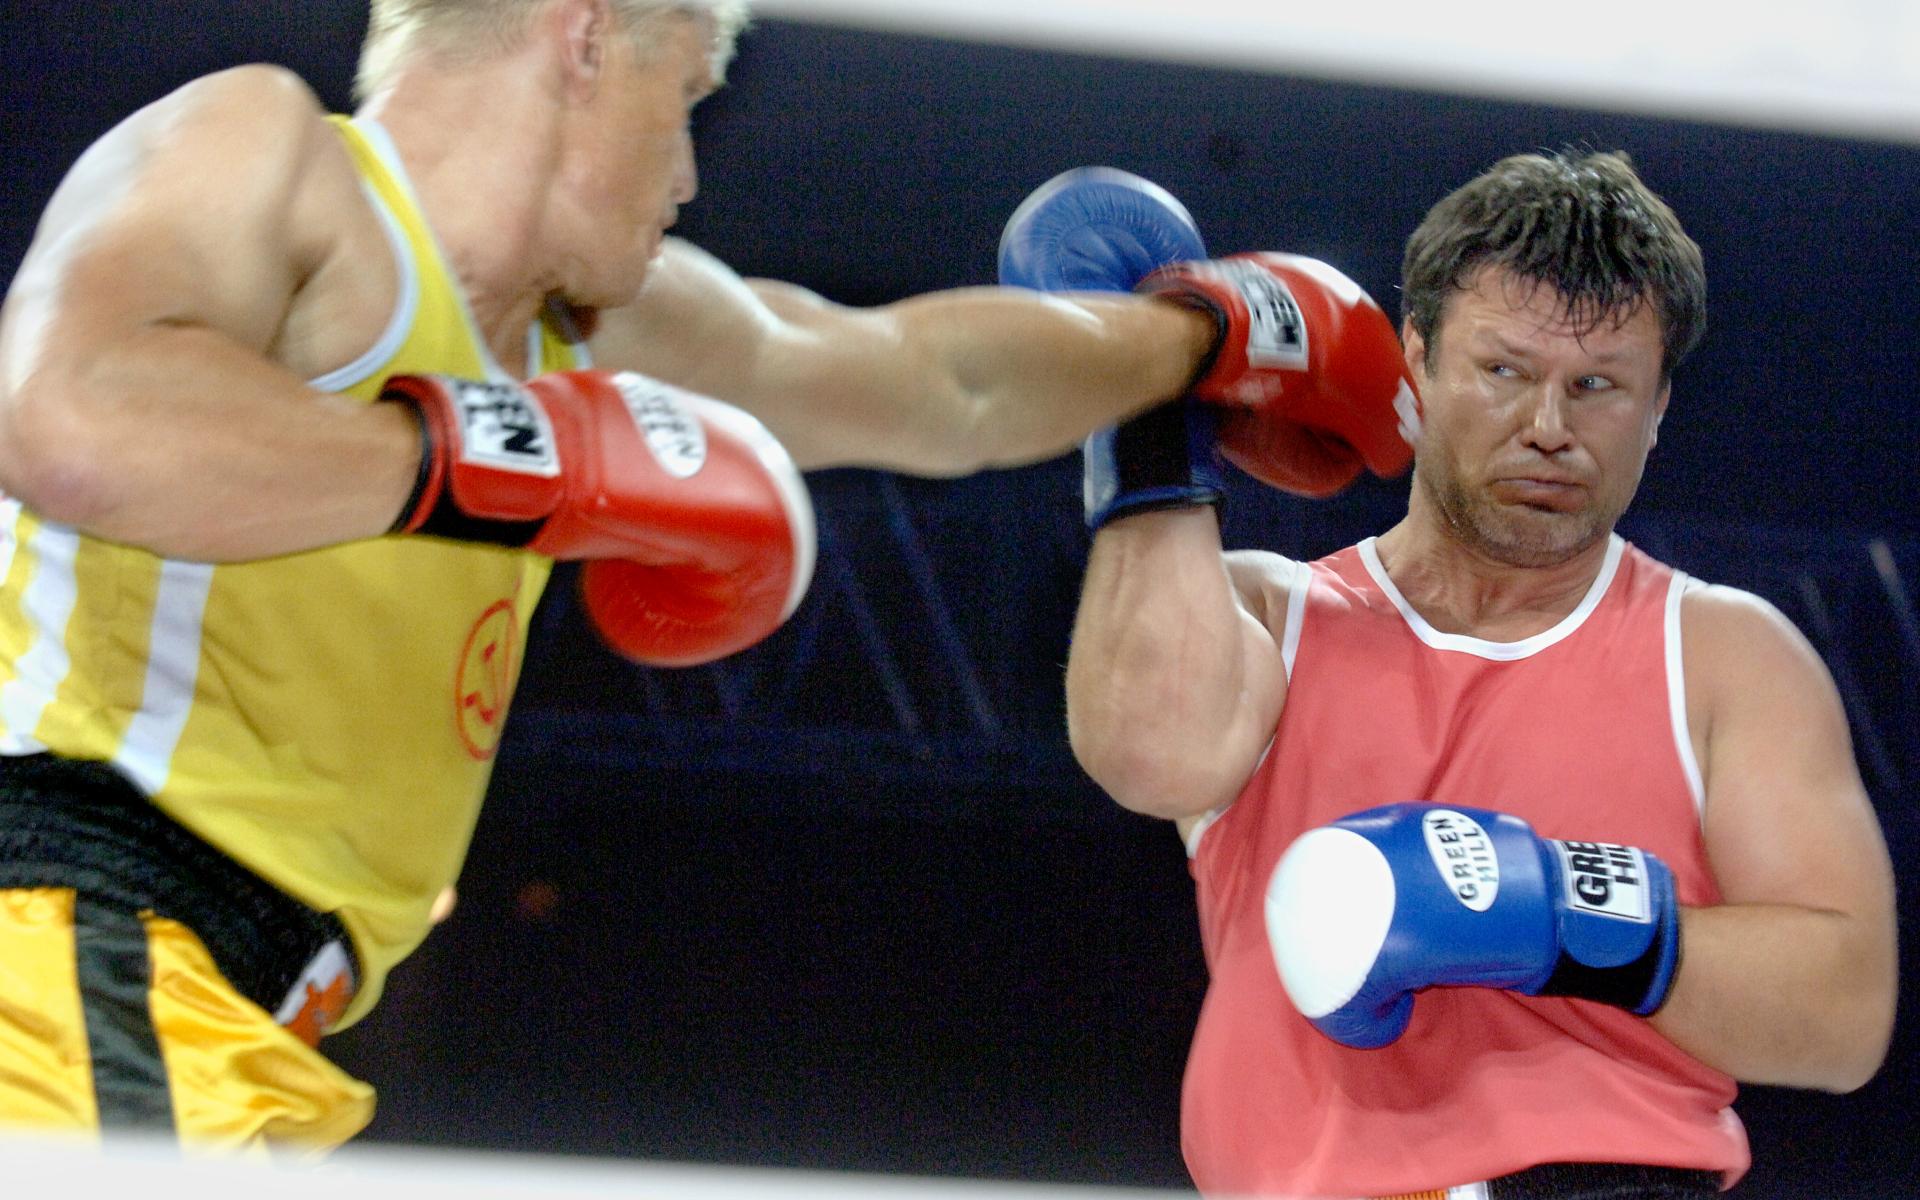 Фото: Дольф Лундгрен и Олег Тактаров (слева направо) во время боксерского поединка, который состоялся в рамках телешоу «Король ринга» (Фото ИТАР-ТАСС/ Александр Саверкин)